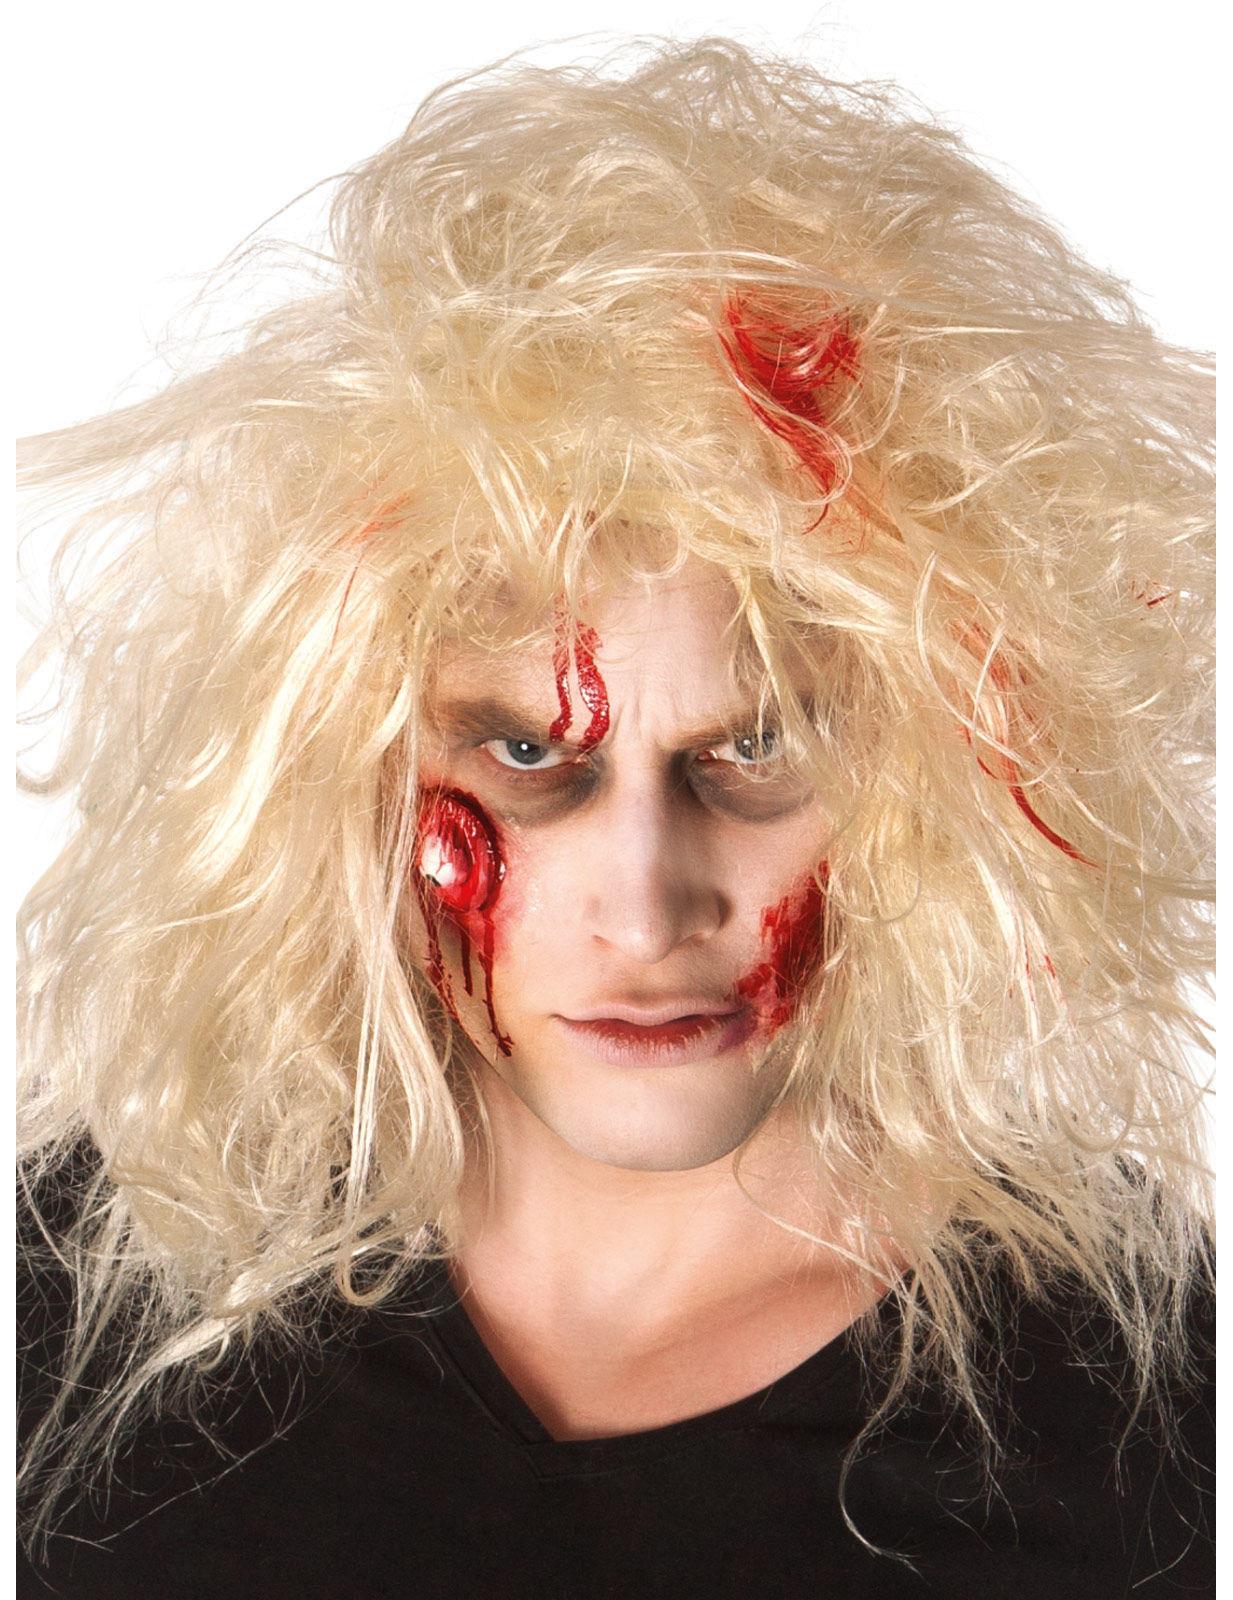 zombie make up set halloween schminke bunt g nstige. Black Bedroom Furniture Sets. Home Design Ideas